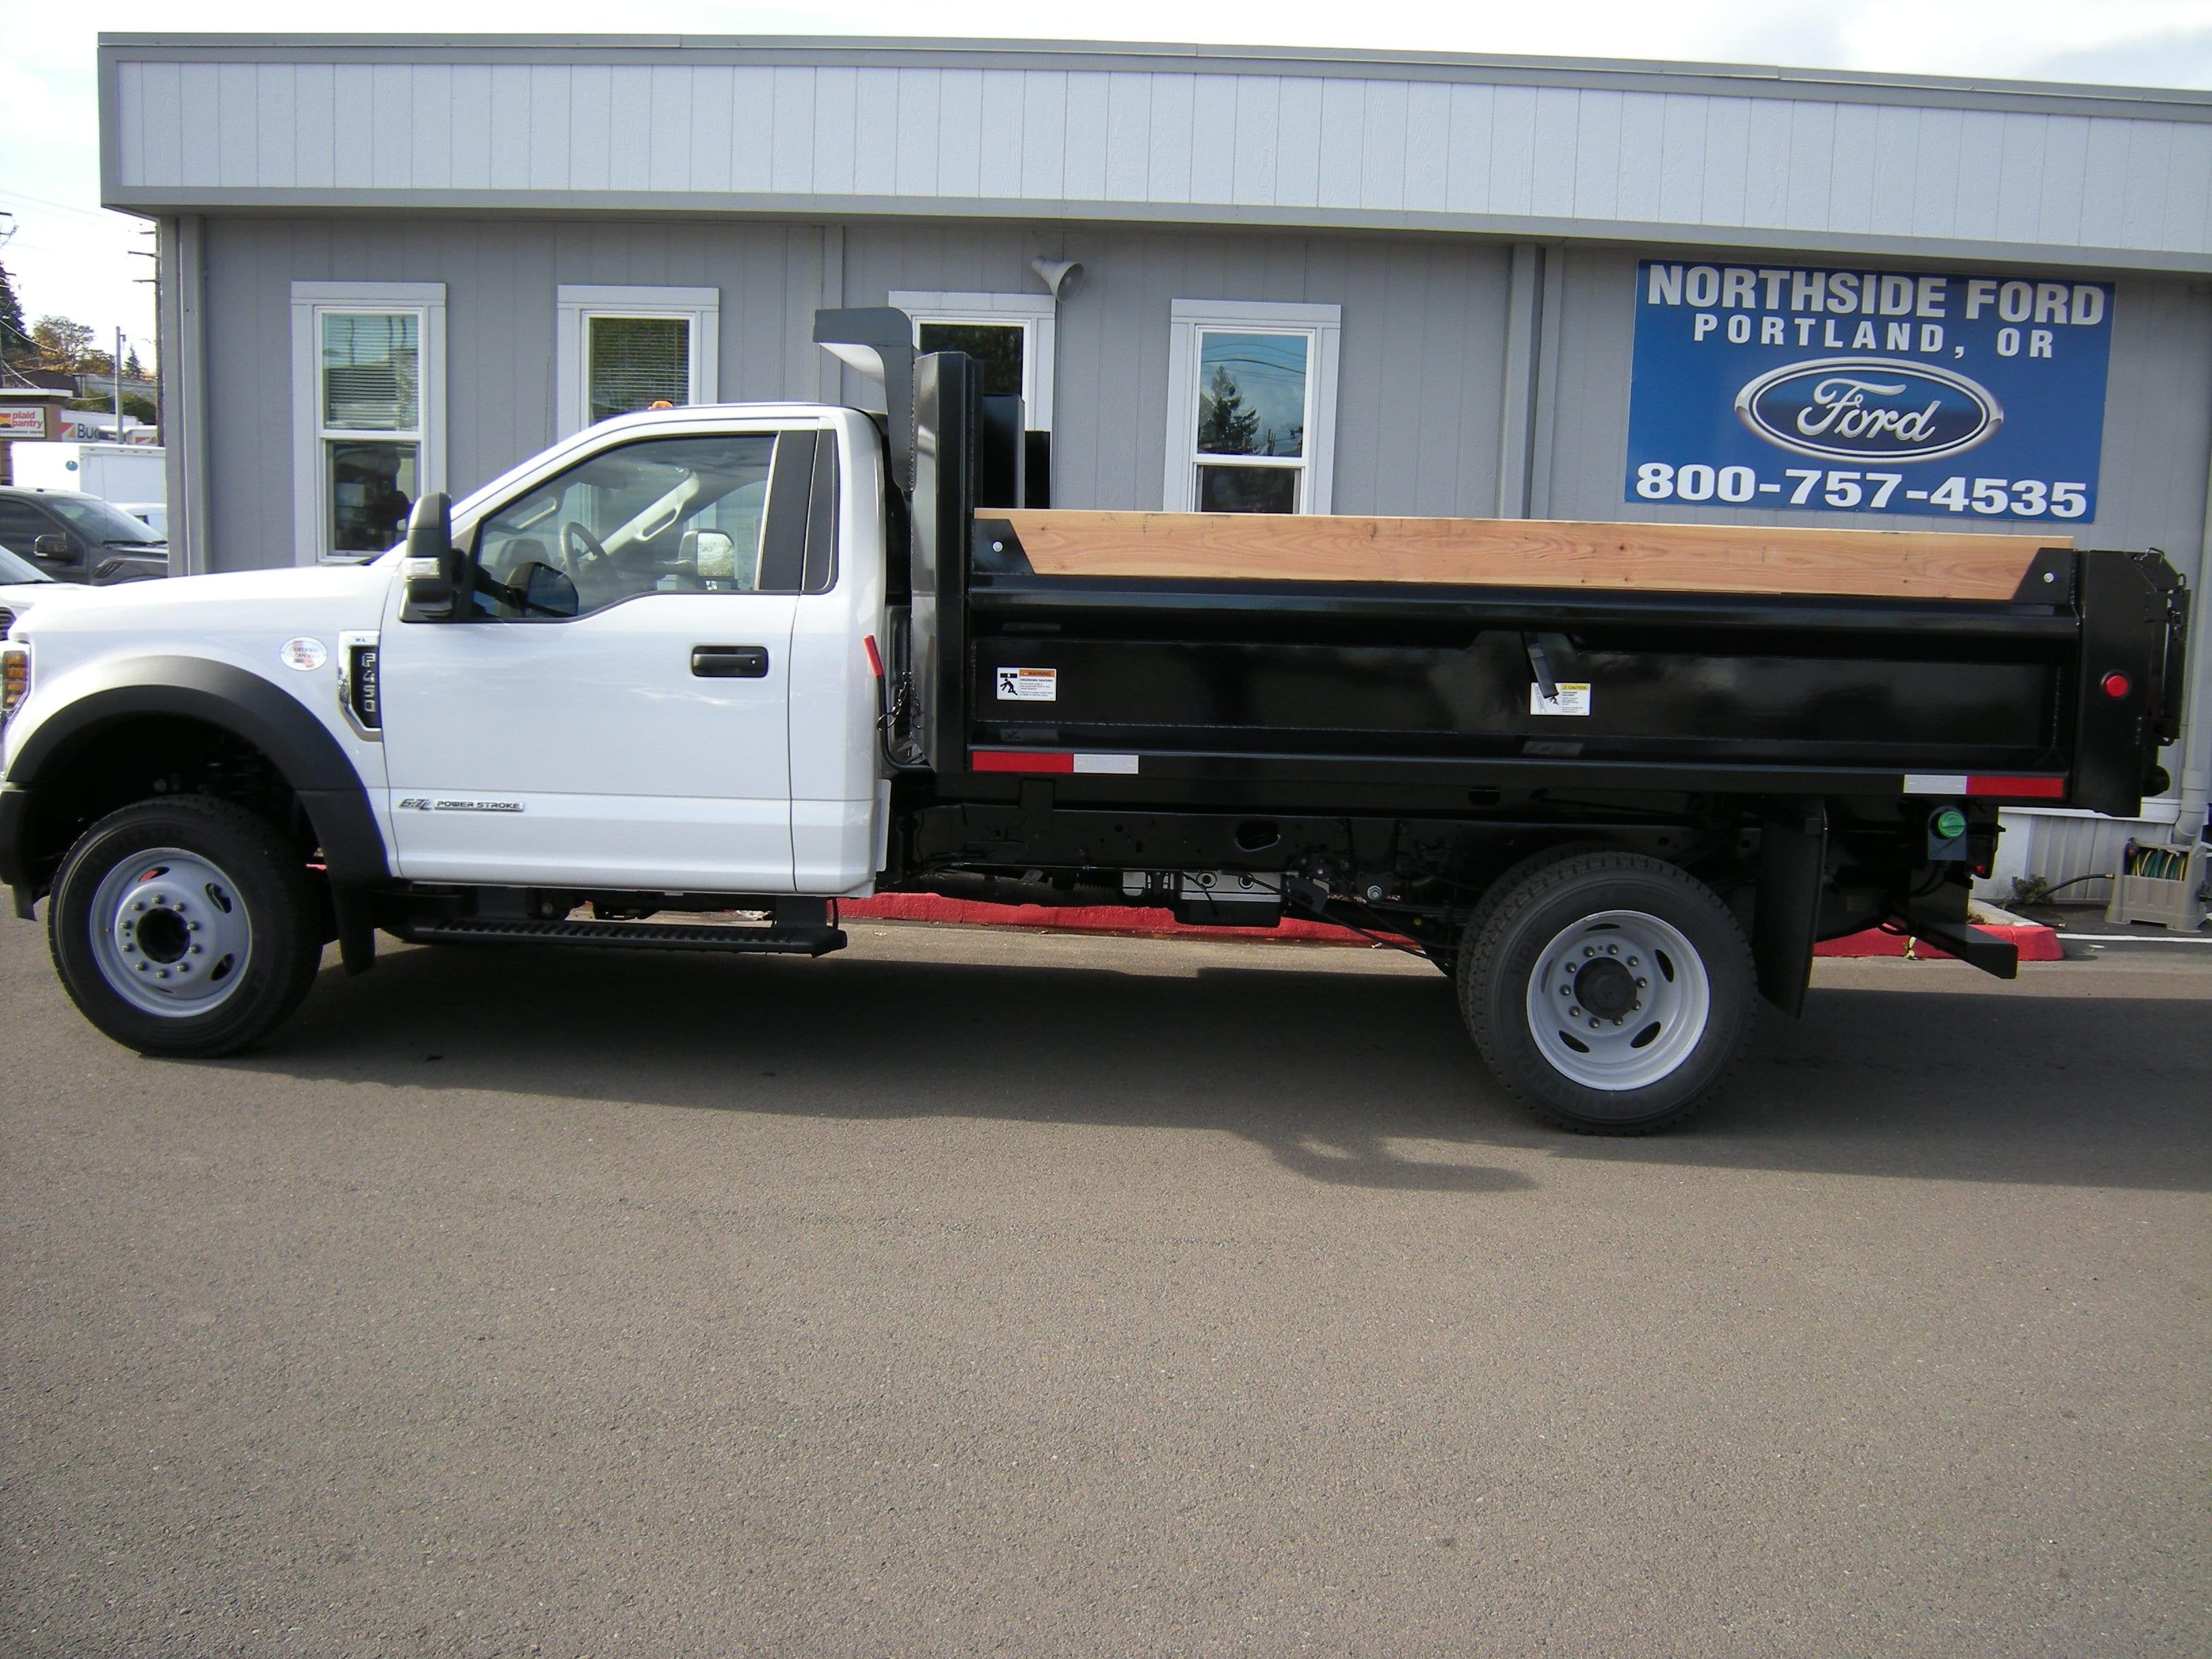 Northside Trucks Commercial Work Trucks And Vans